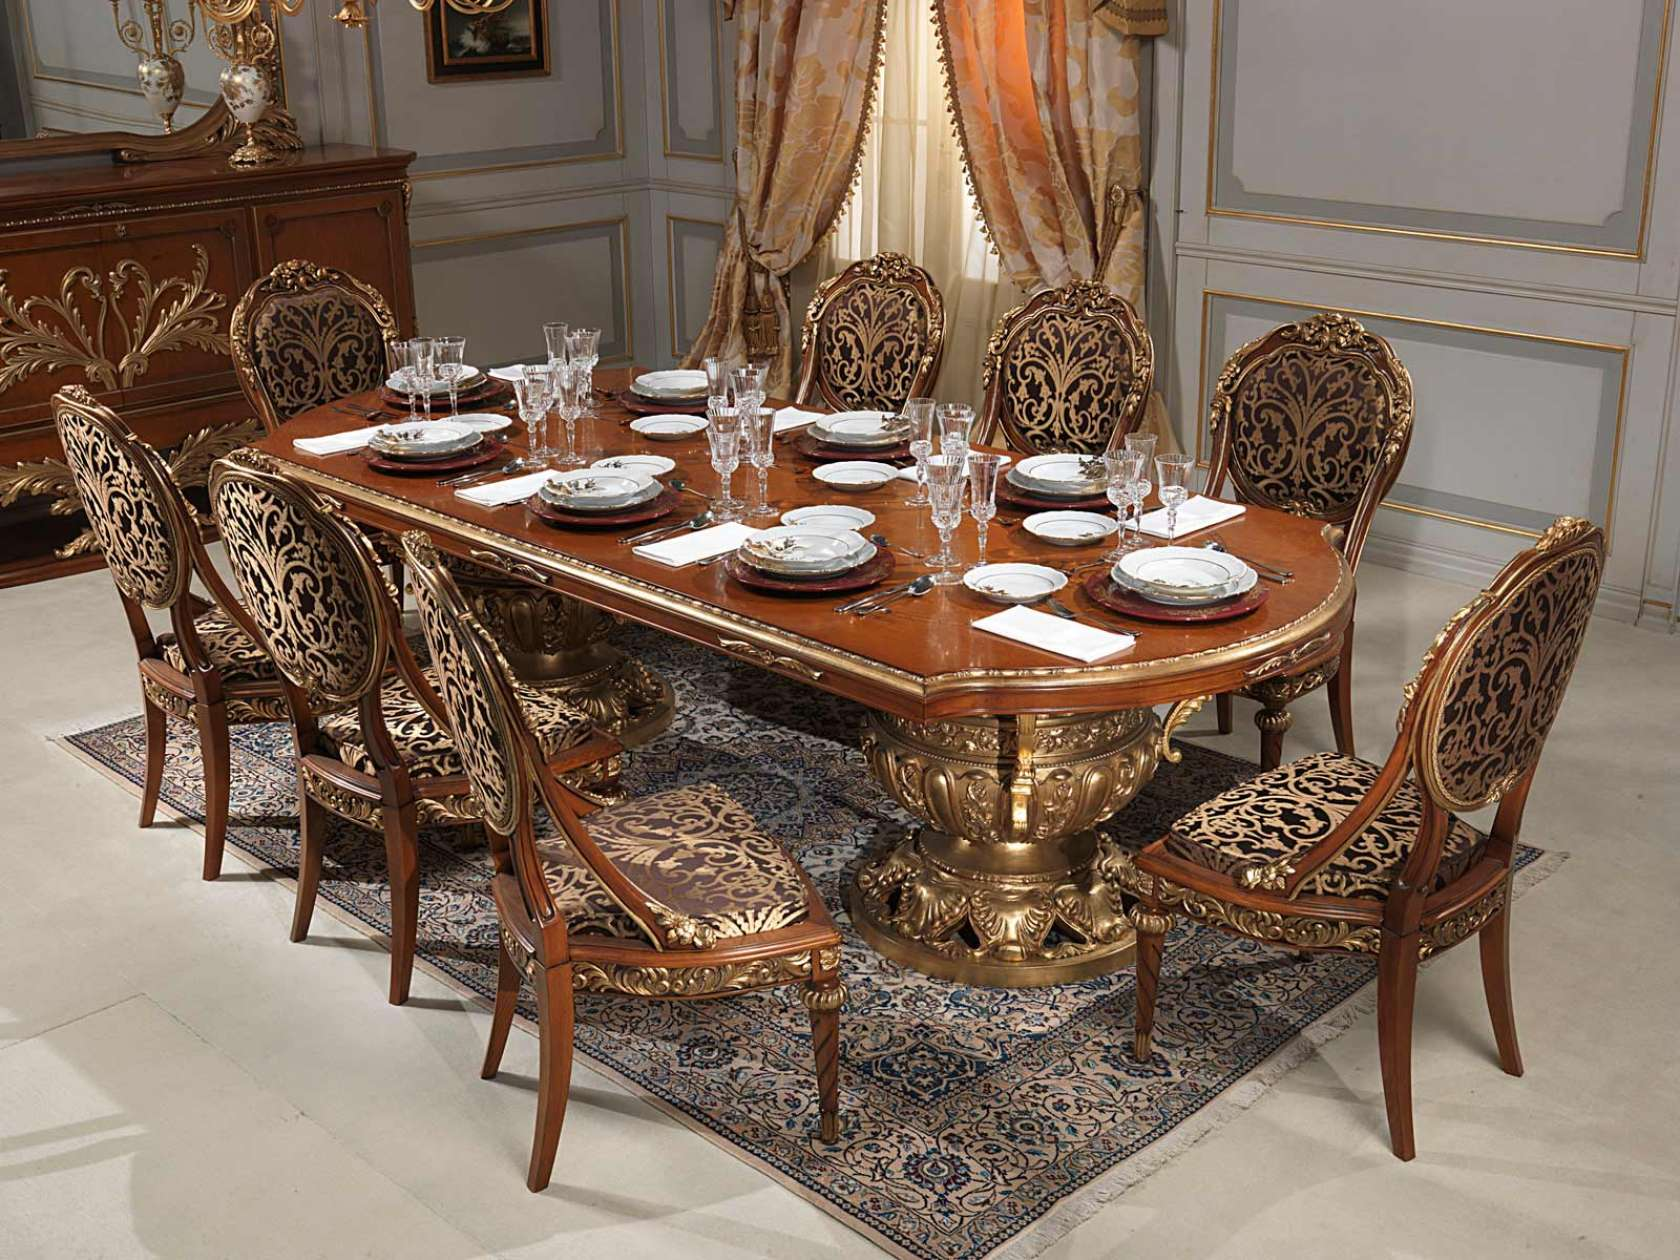 Merveilleux Salle à Manger Versailles Dans Le Style Louis XVI